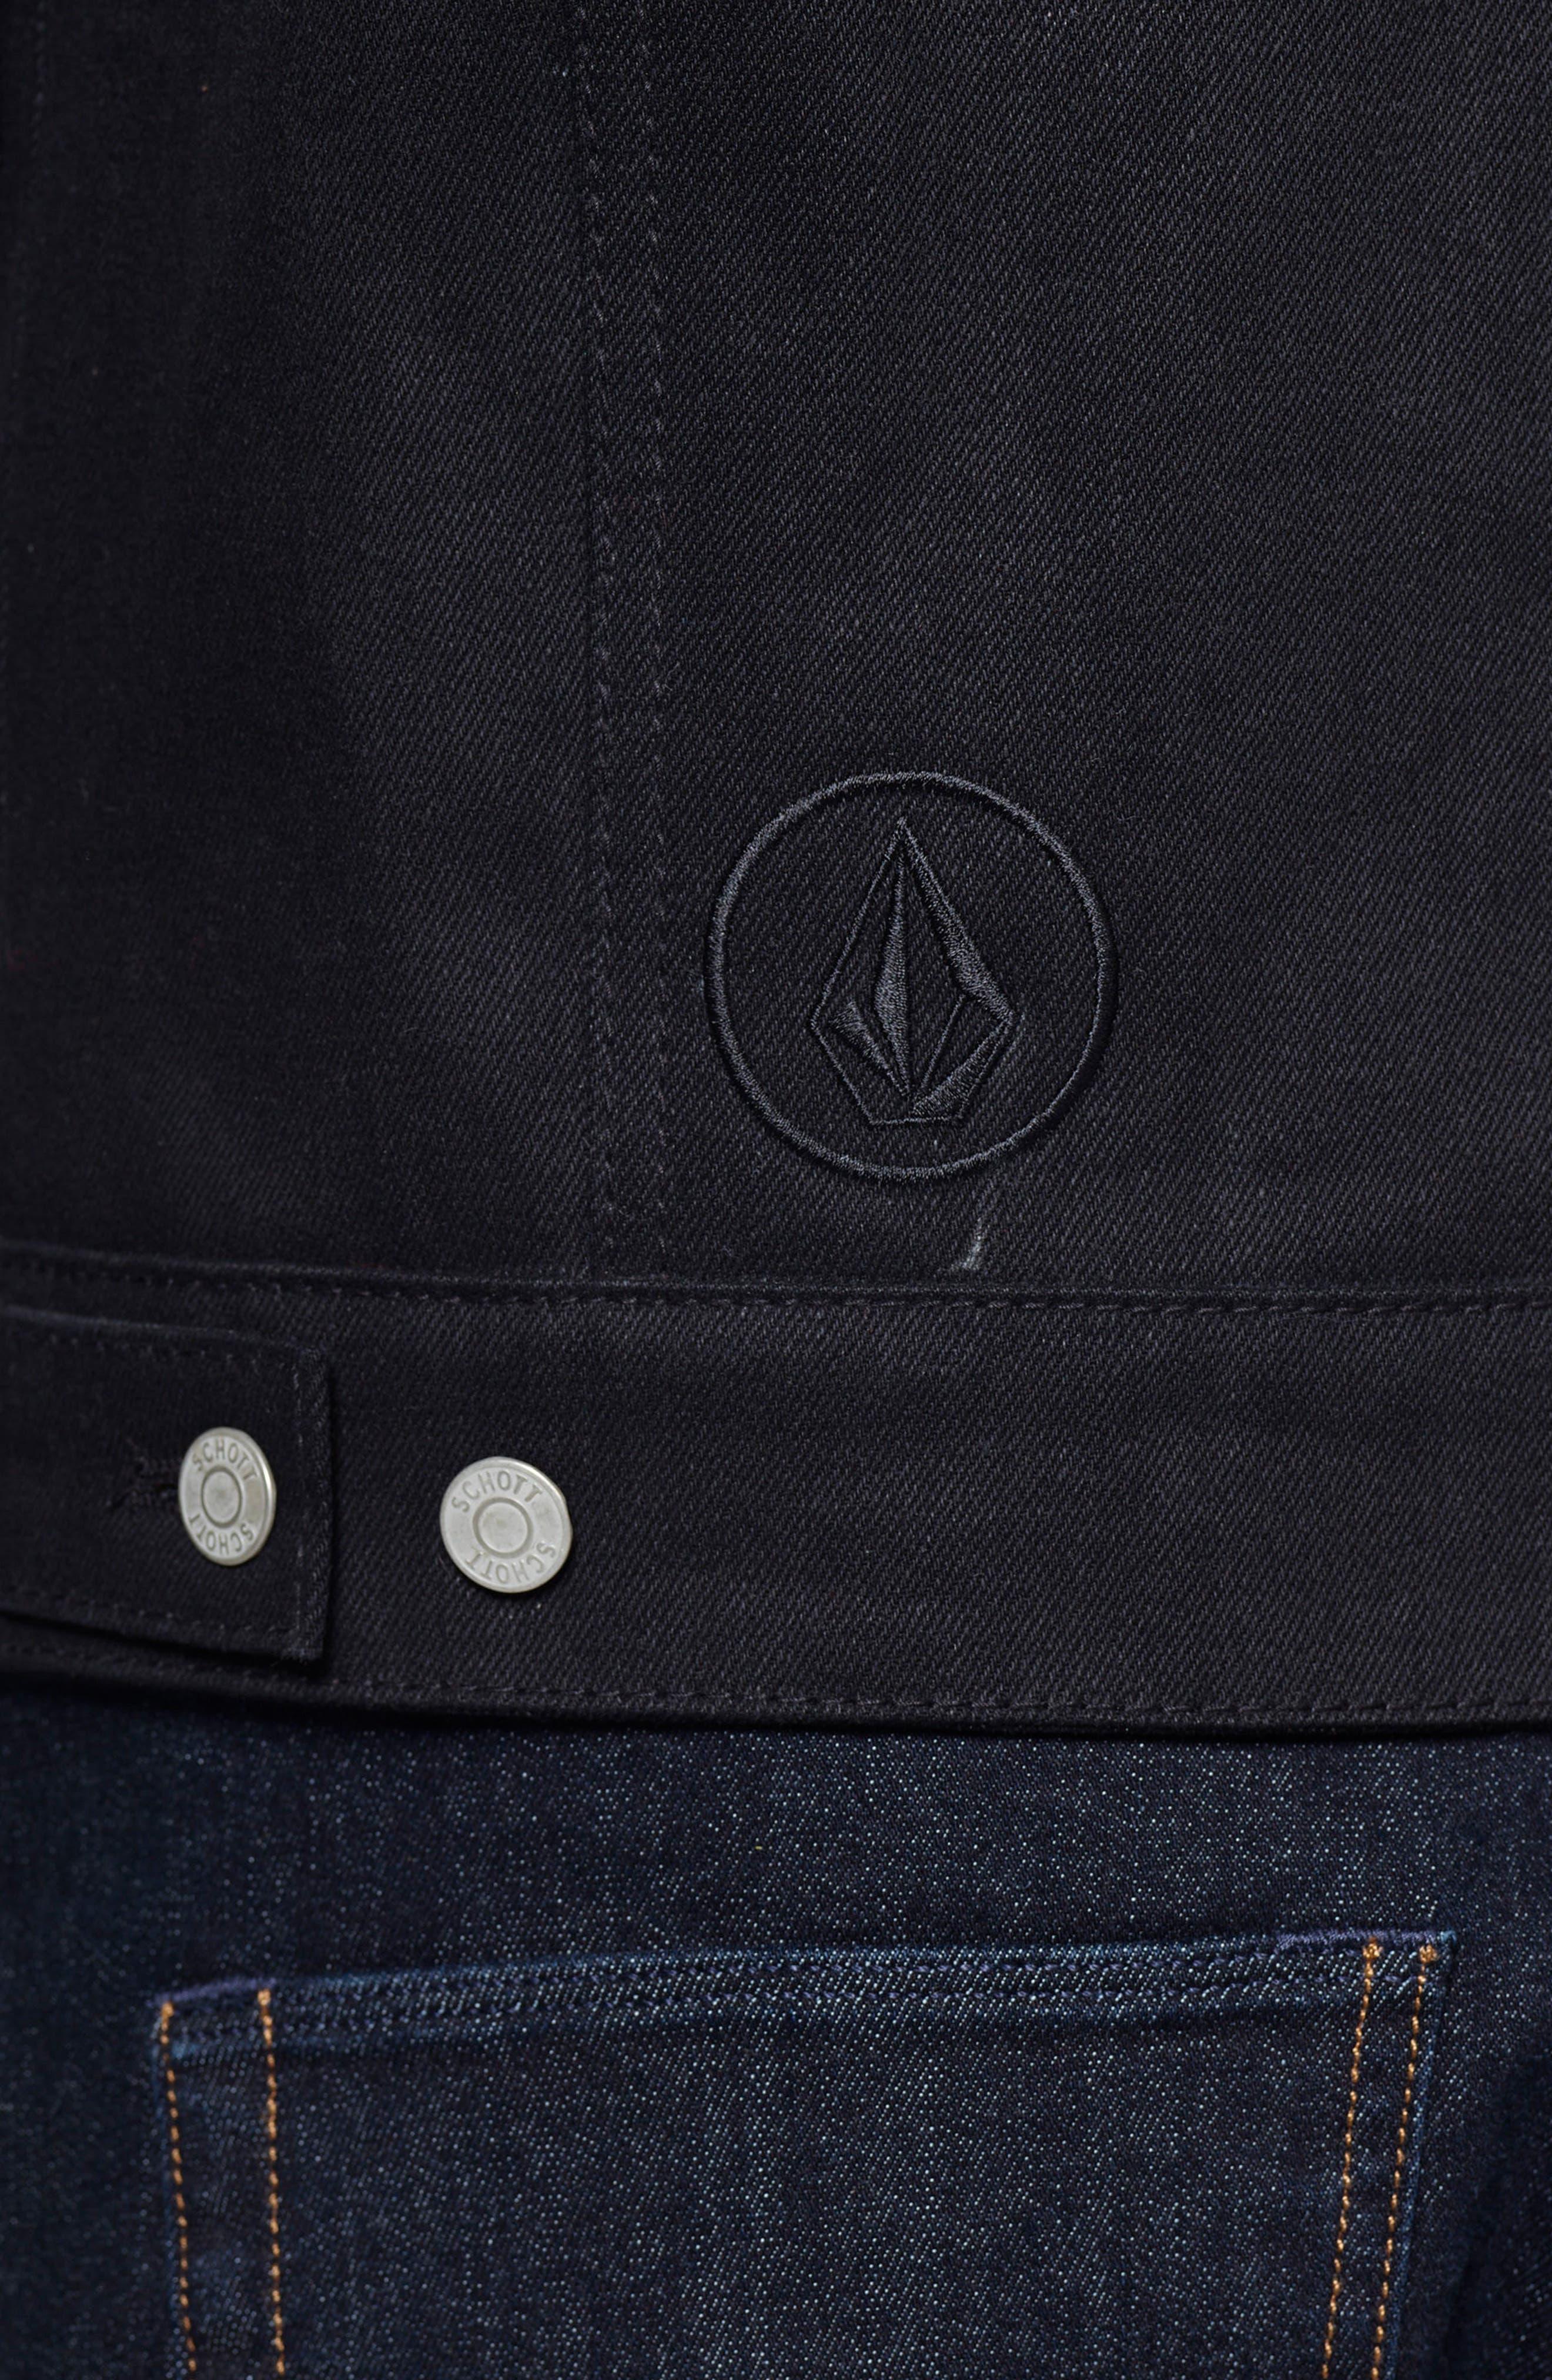 x Schott Denim Jacket,                             Alternate thumbnail 3, color,                             001